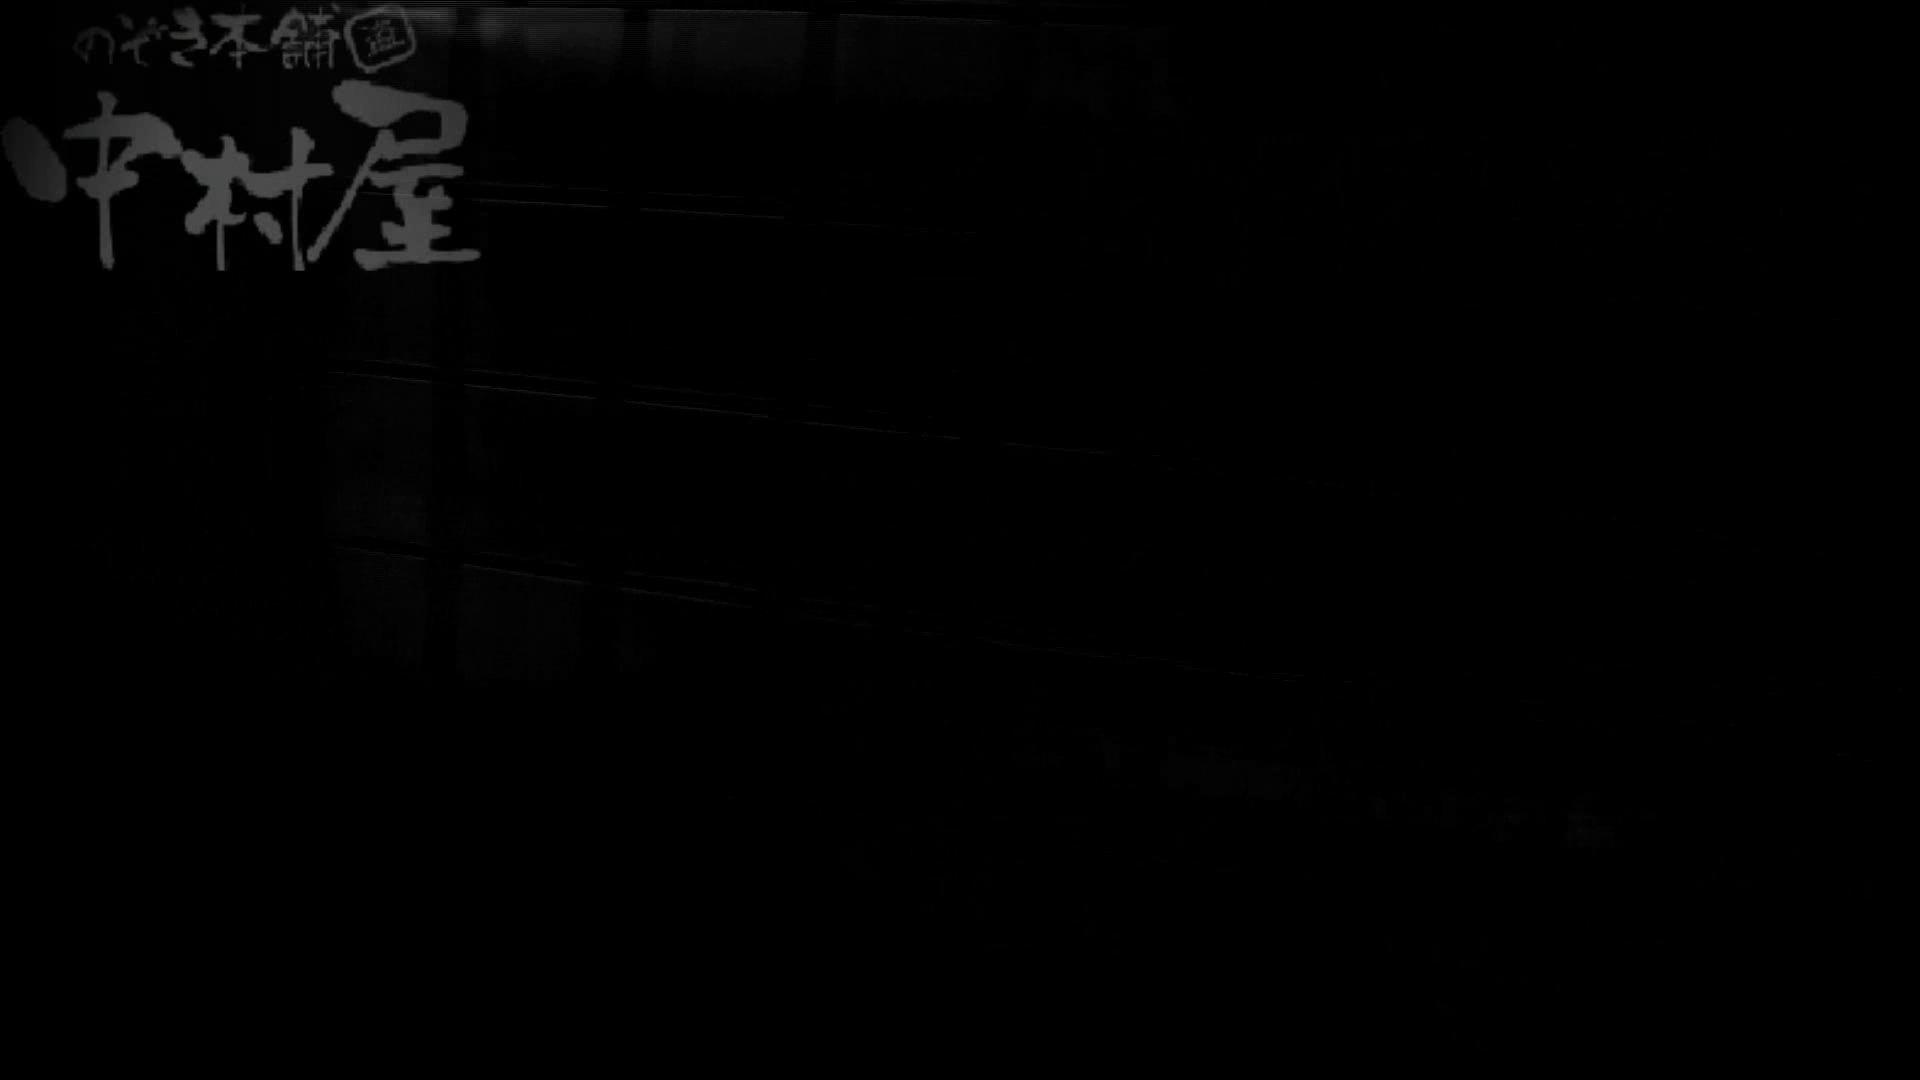 美しい日本の未来 No.35 最長時間更新更に強者登場 乙女 セックス無修正動画無料 86画像 51